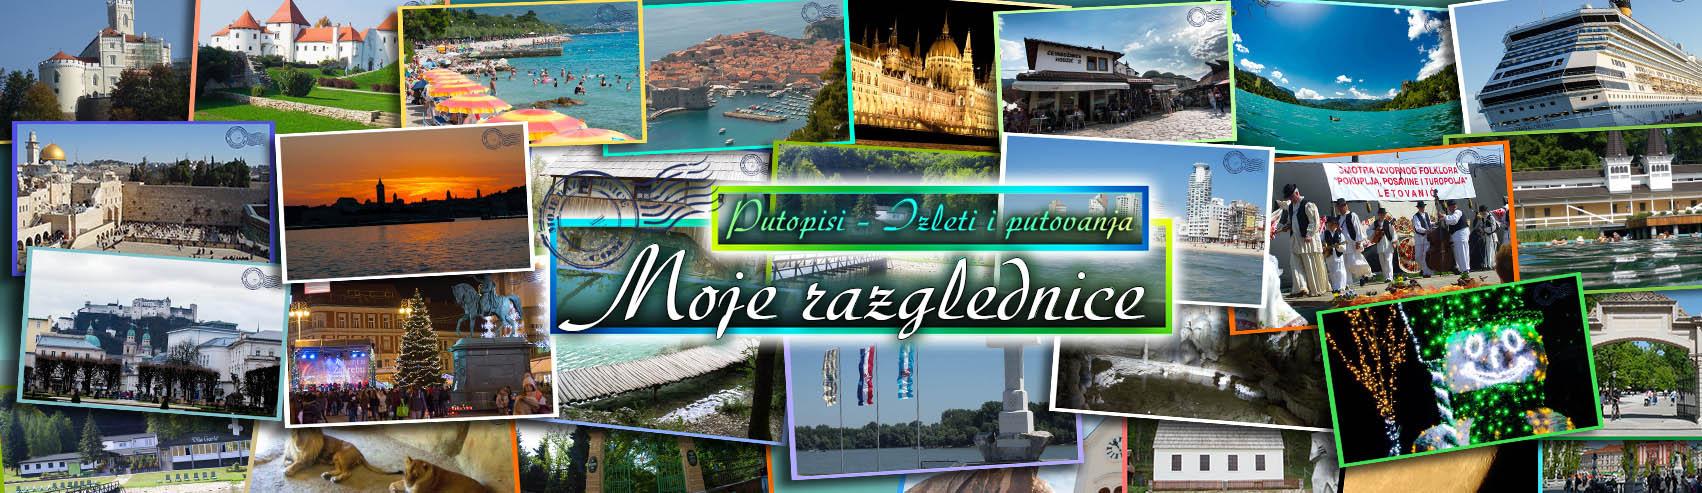 mojerazglednice.com